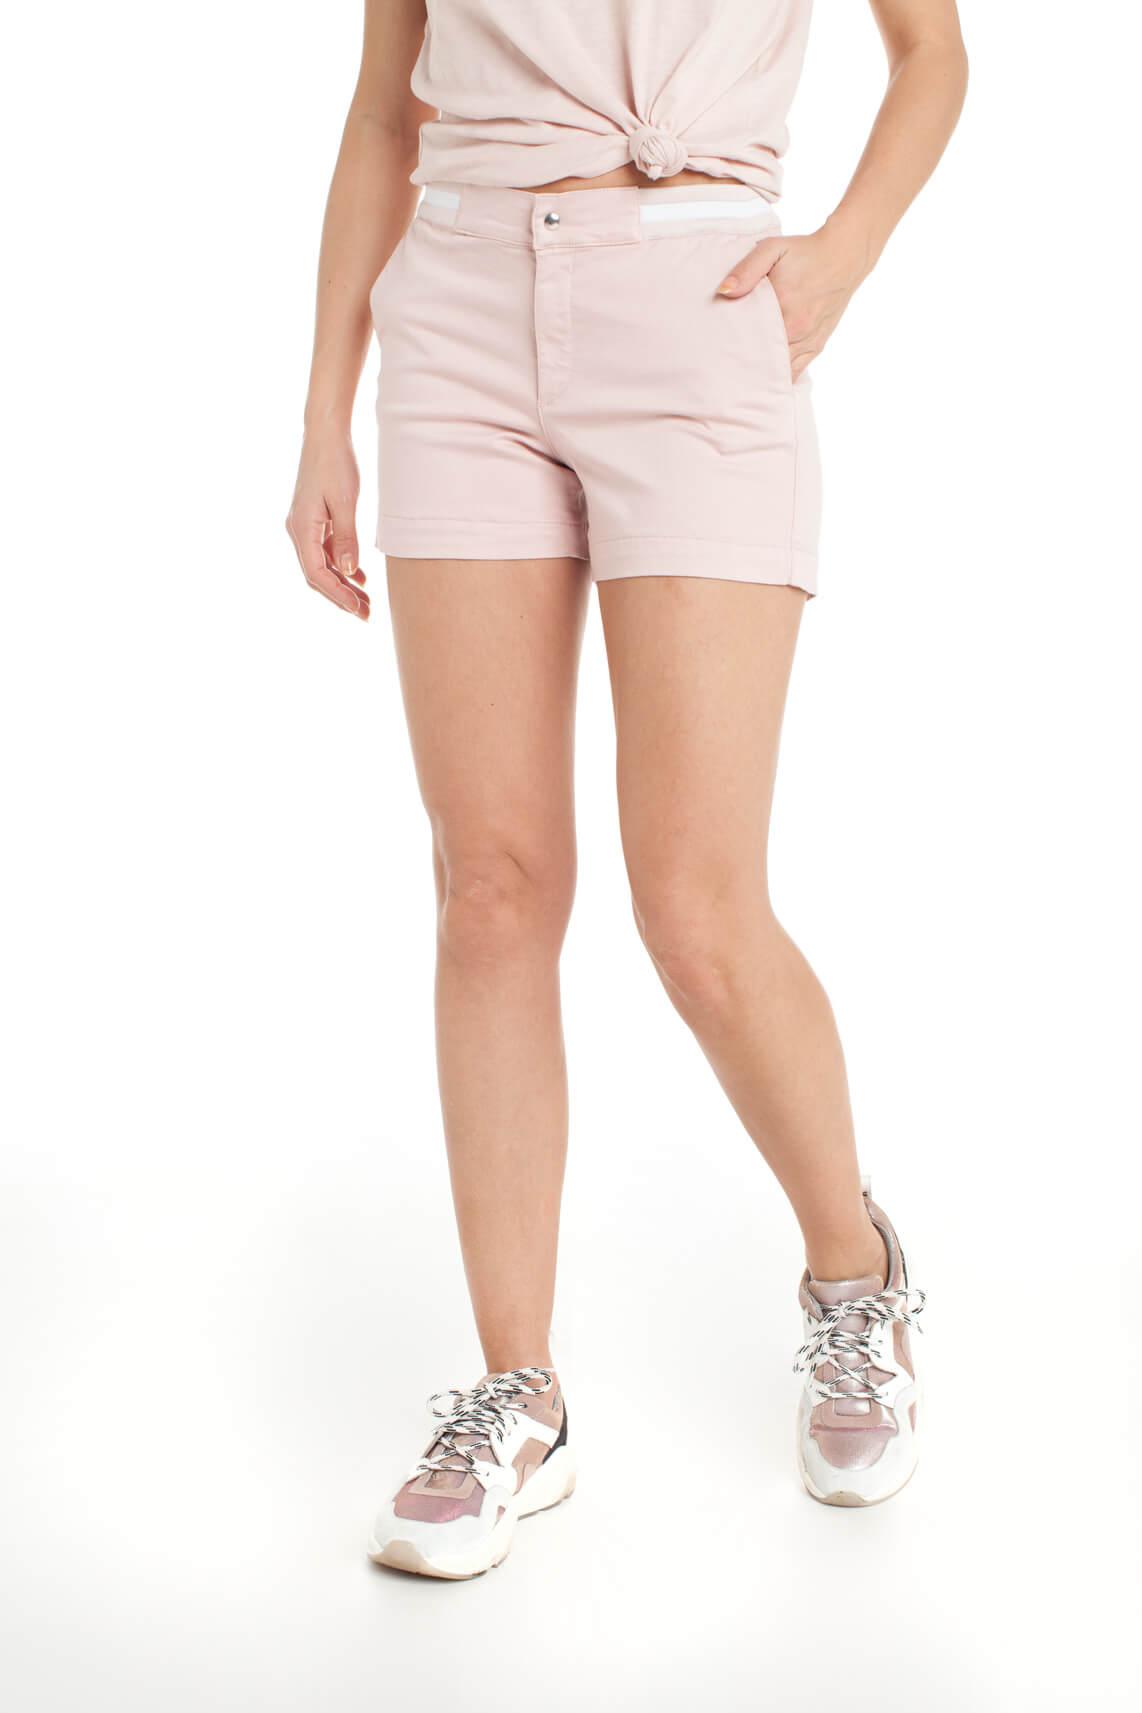 Anna Blue Dames Short met bies roze